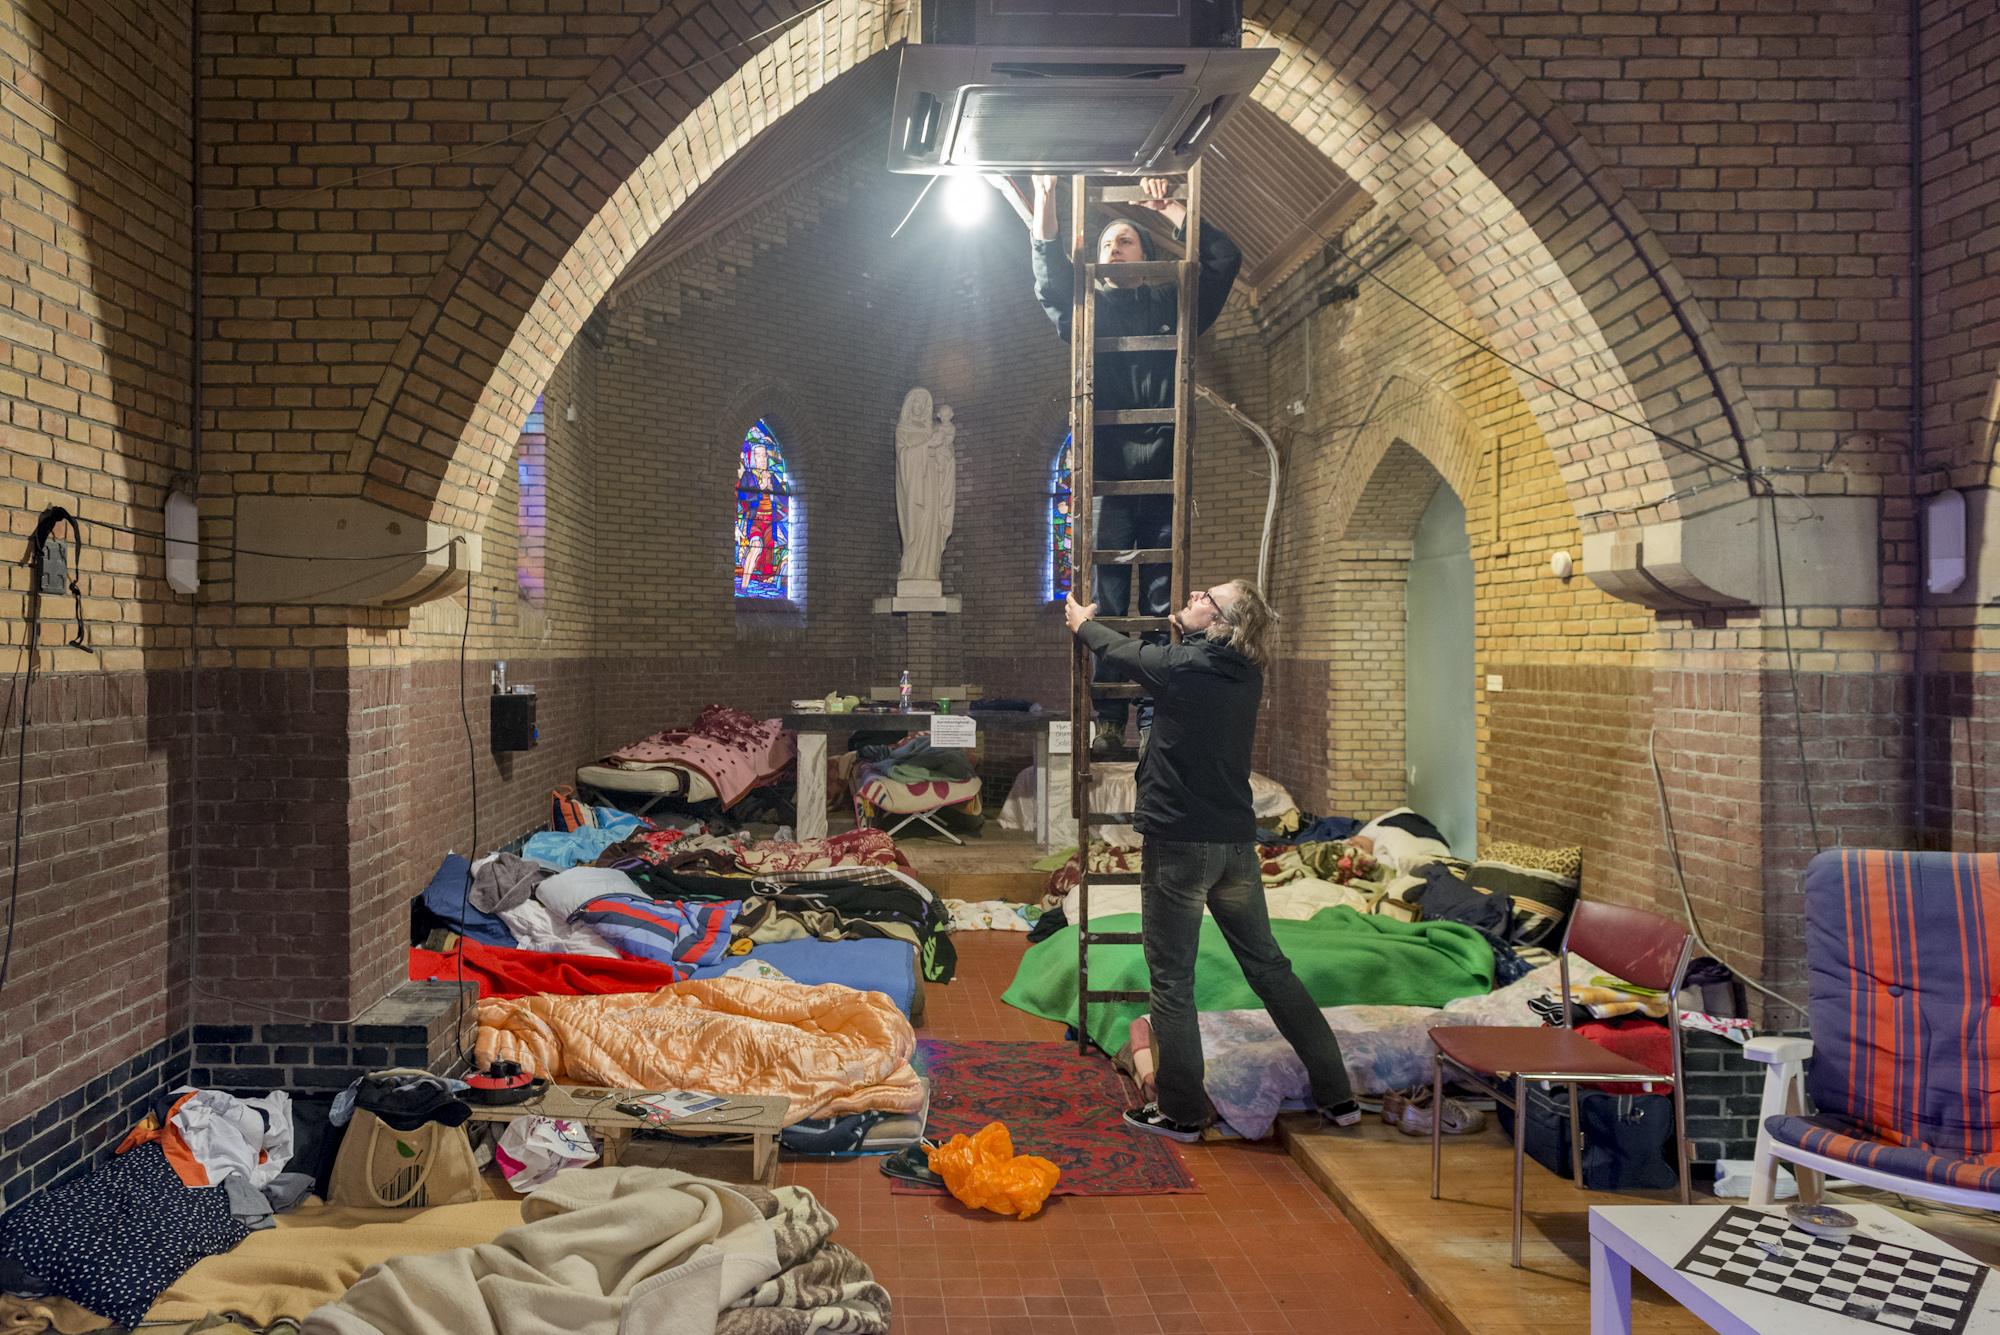 vluchtkerk Den Haag, verwarming wordt geinstalleerd